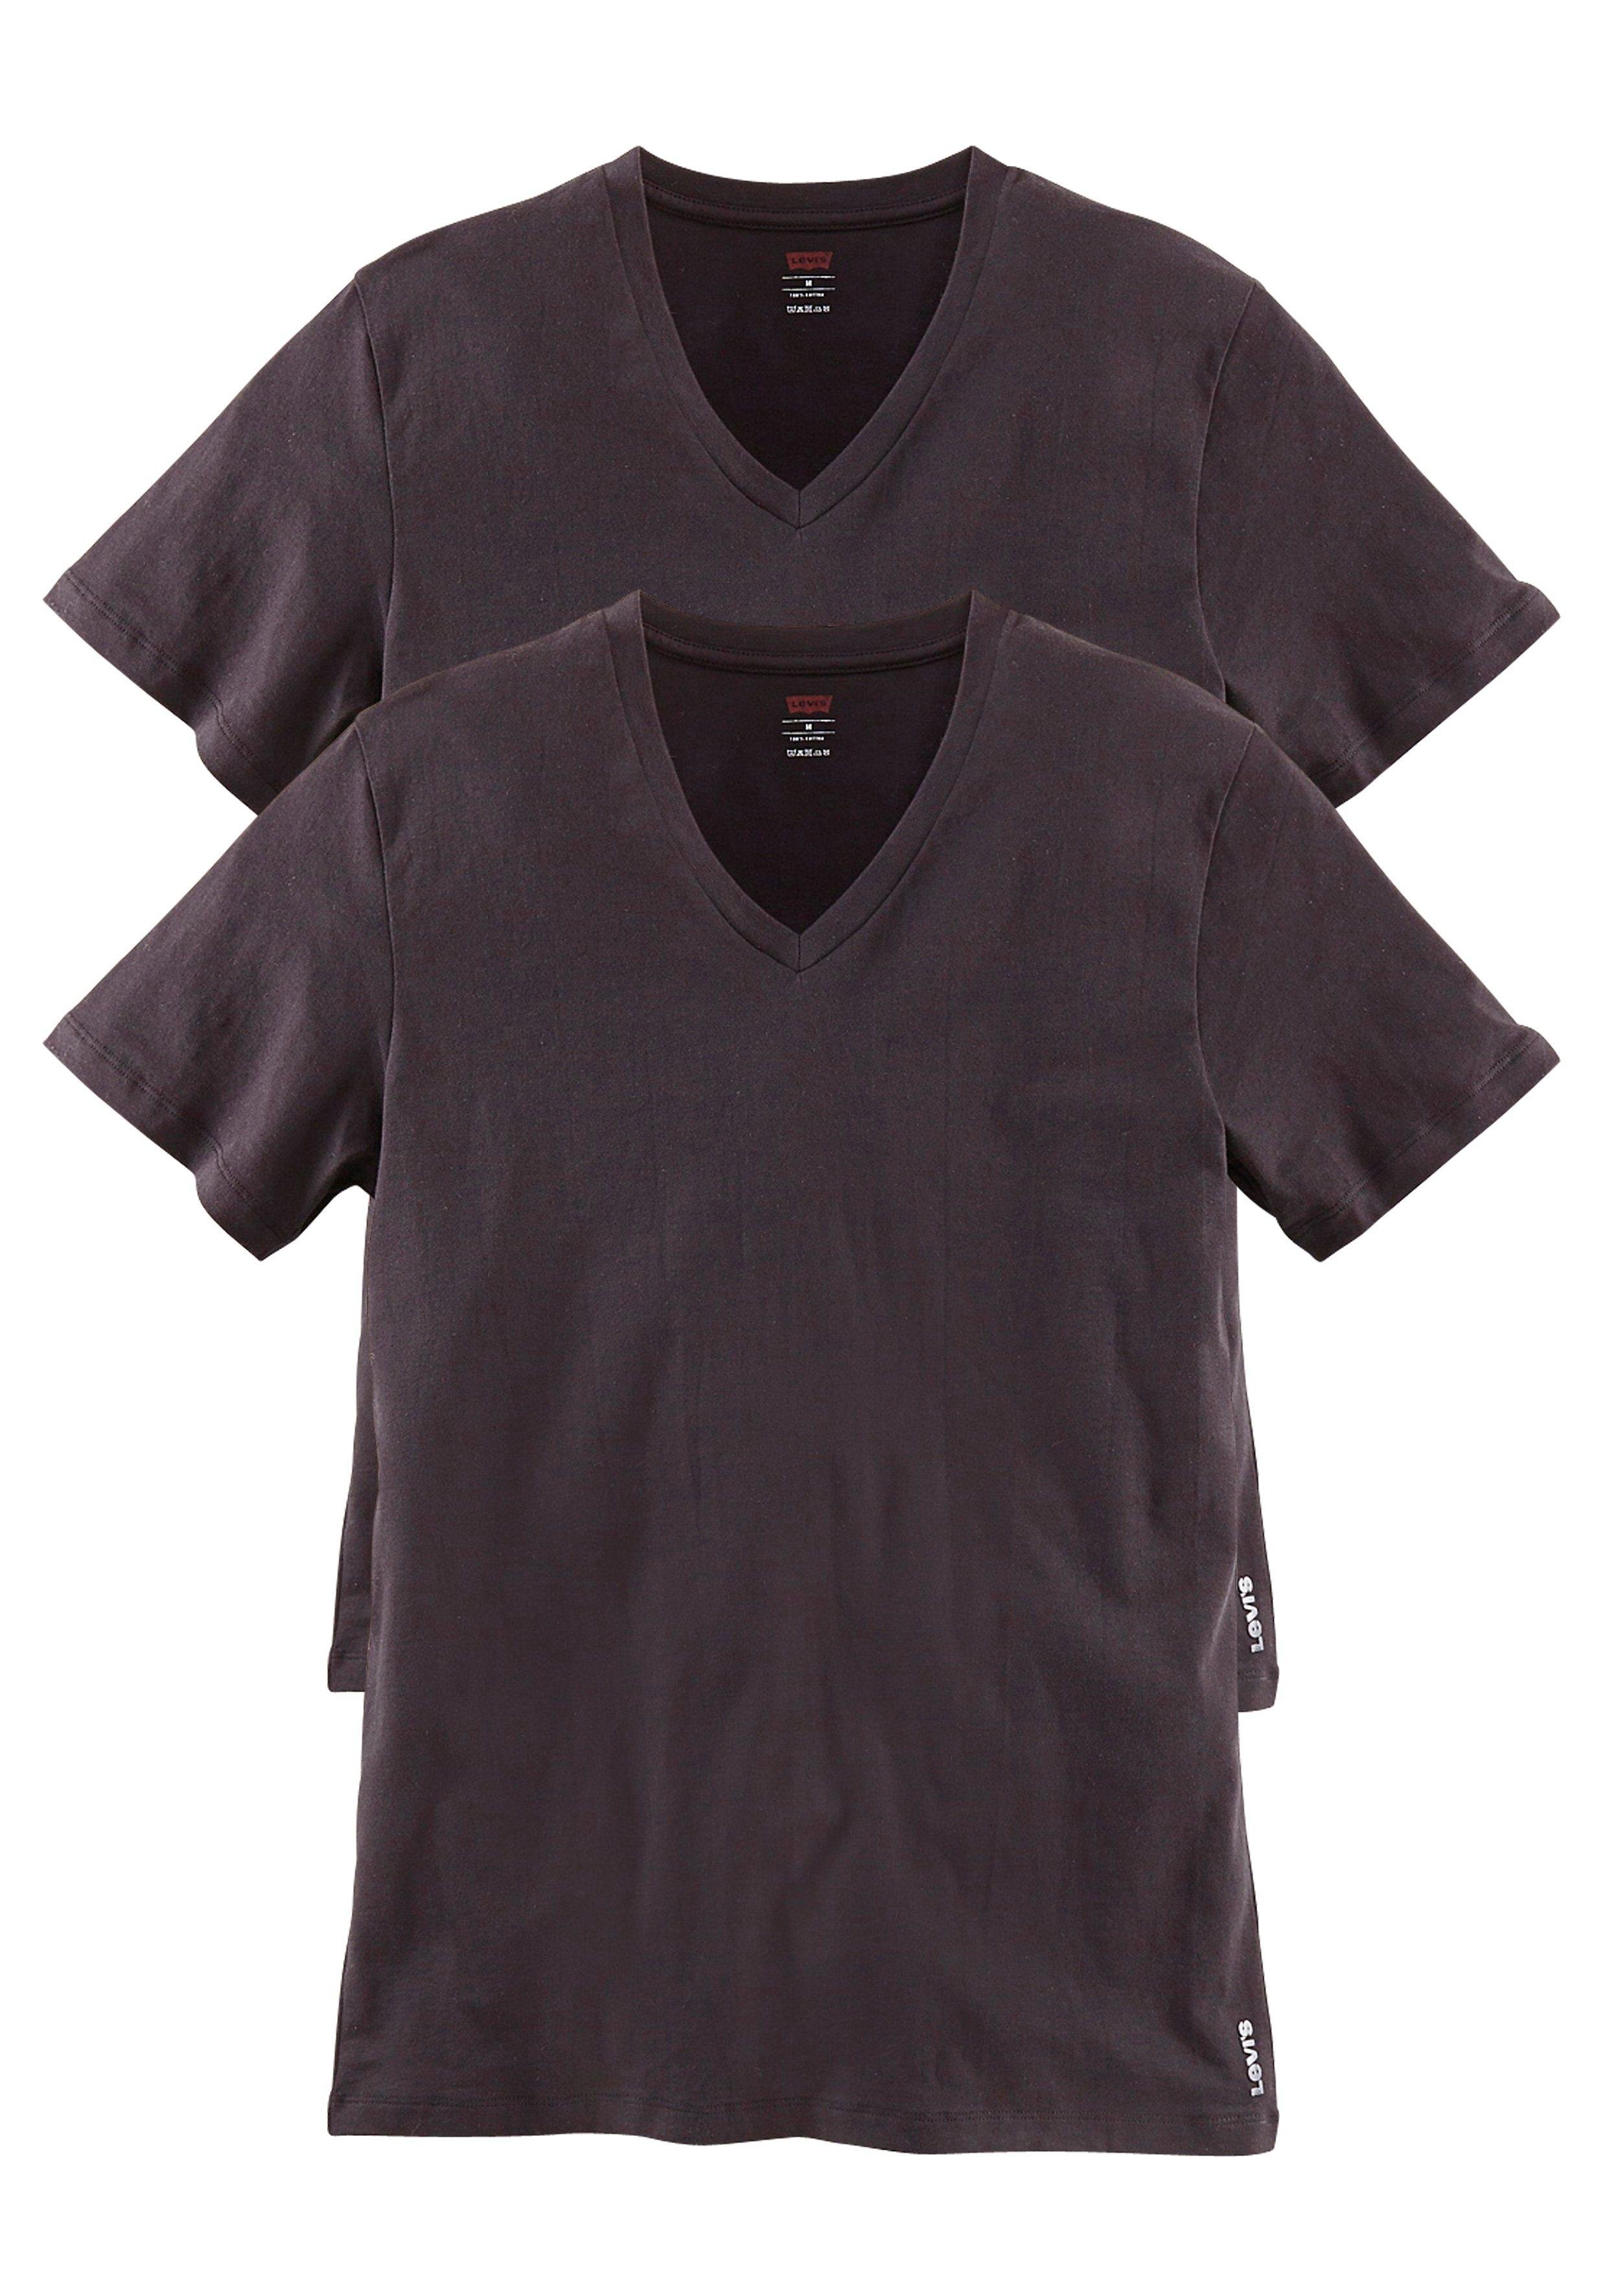 Levi´s Shirts (2 Stück) mit V-Ausschnitt